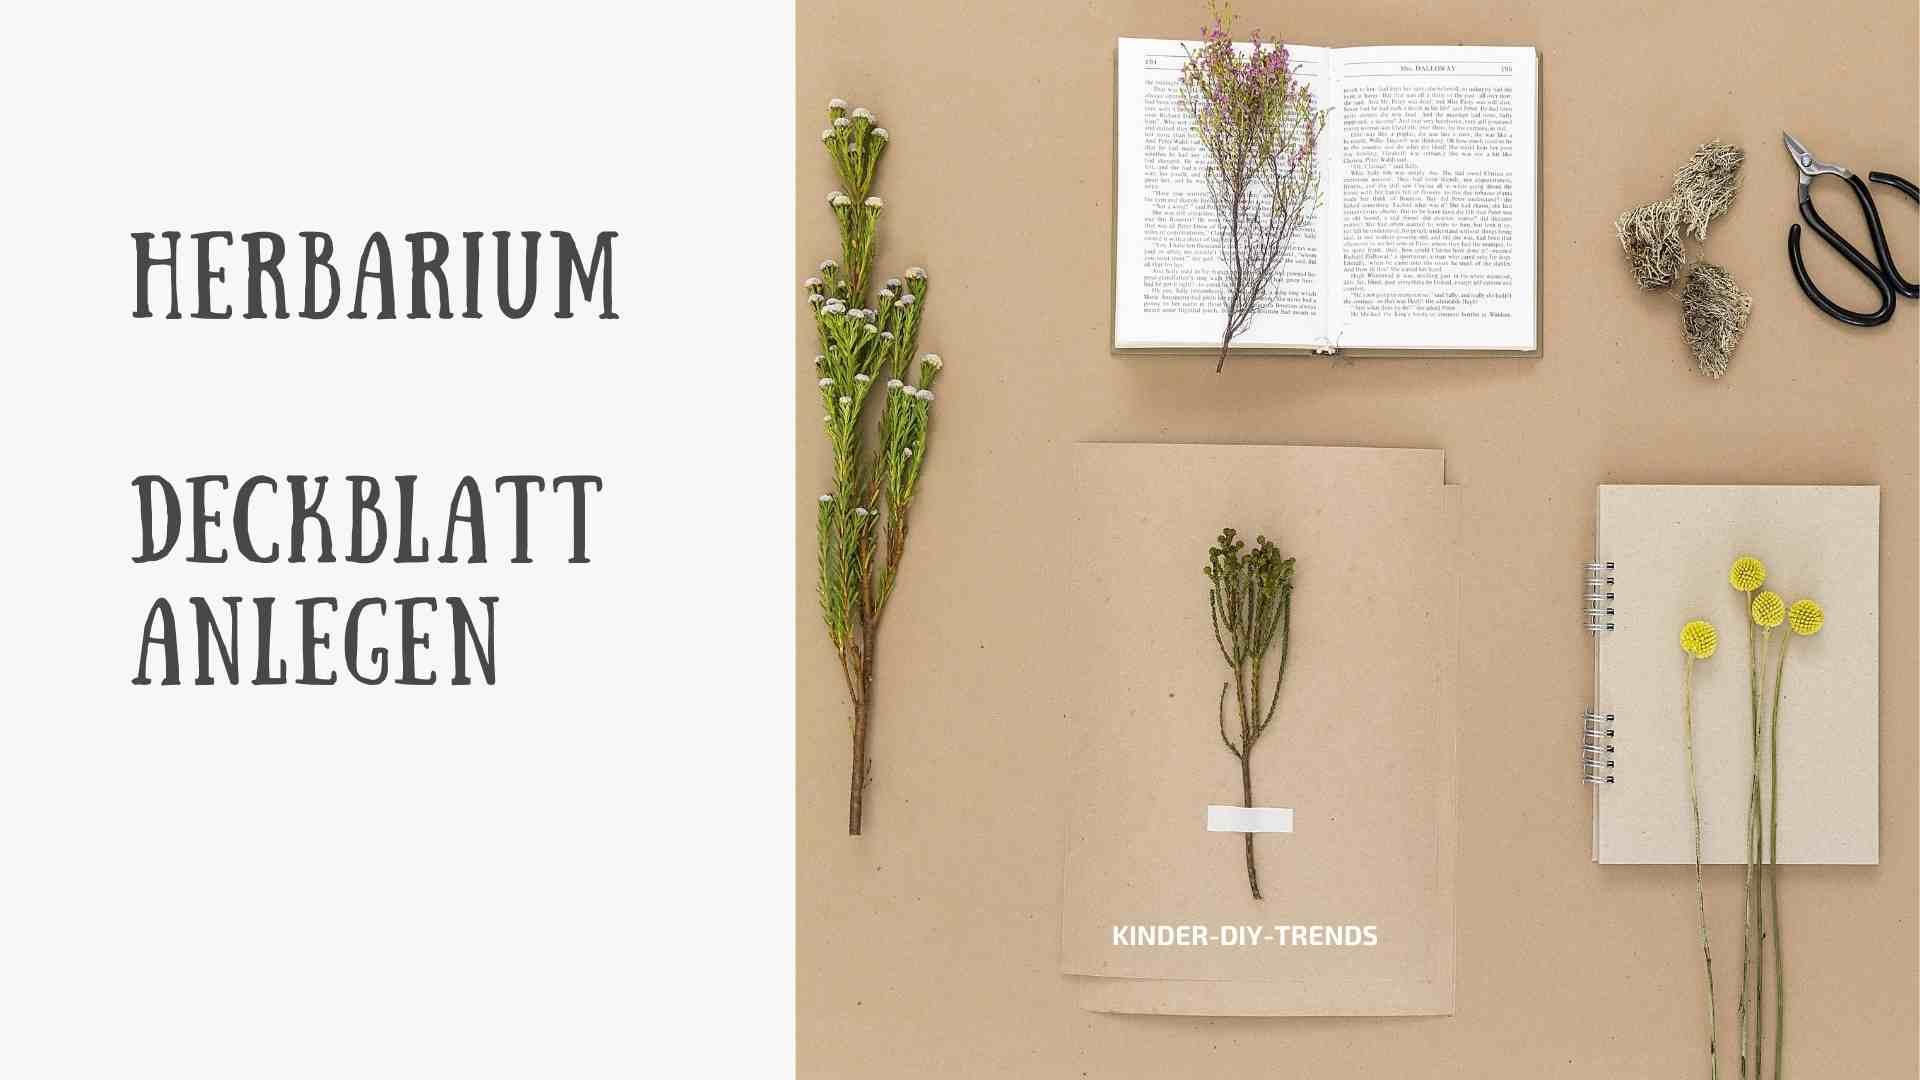 Herbarium Deckblatt anlegen. Schritt-für-Schritt Anleitung.